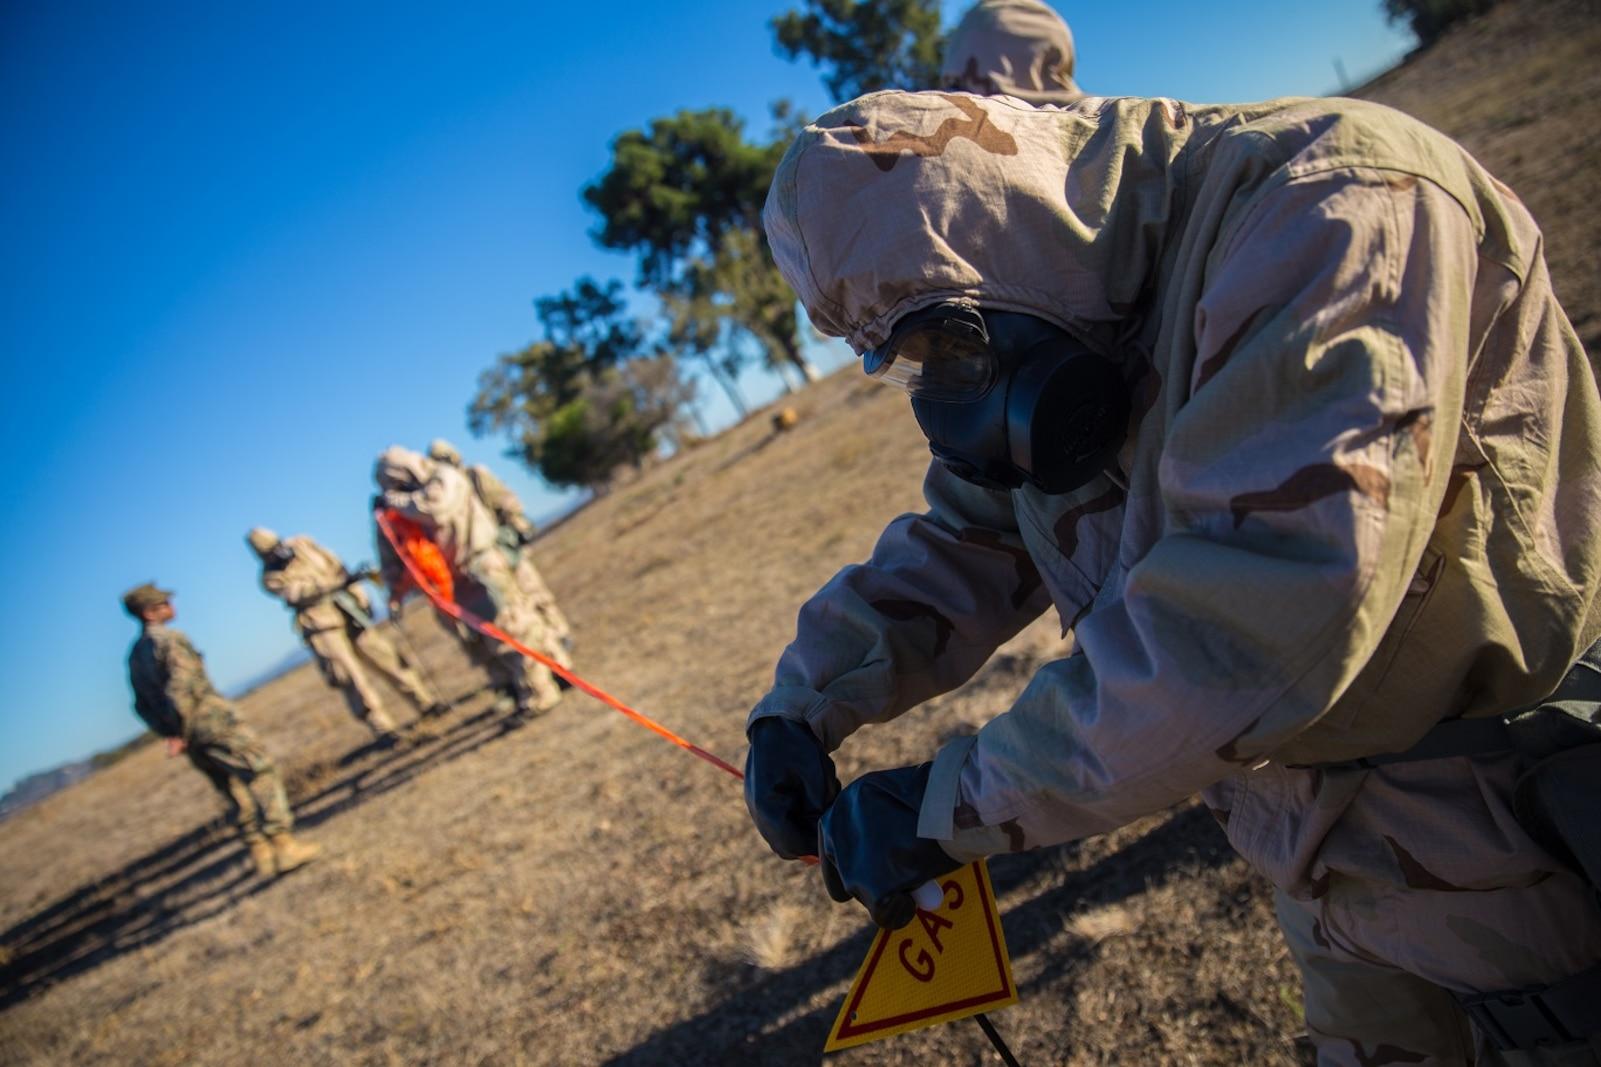 1st Marine Logistics Group Reconnaissance, Surveillance and Decontamination Course